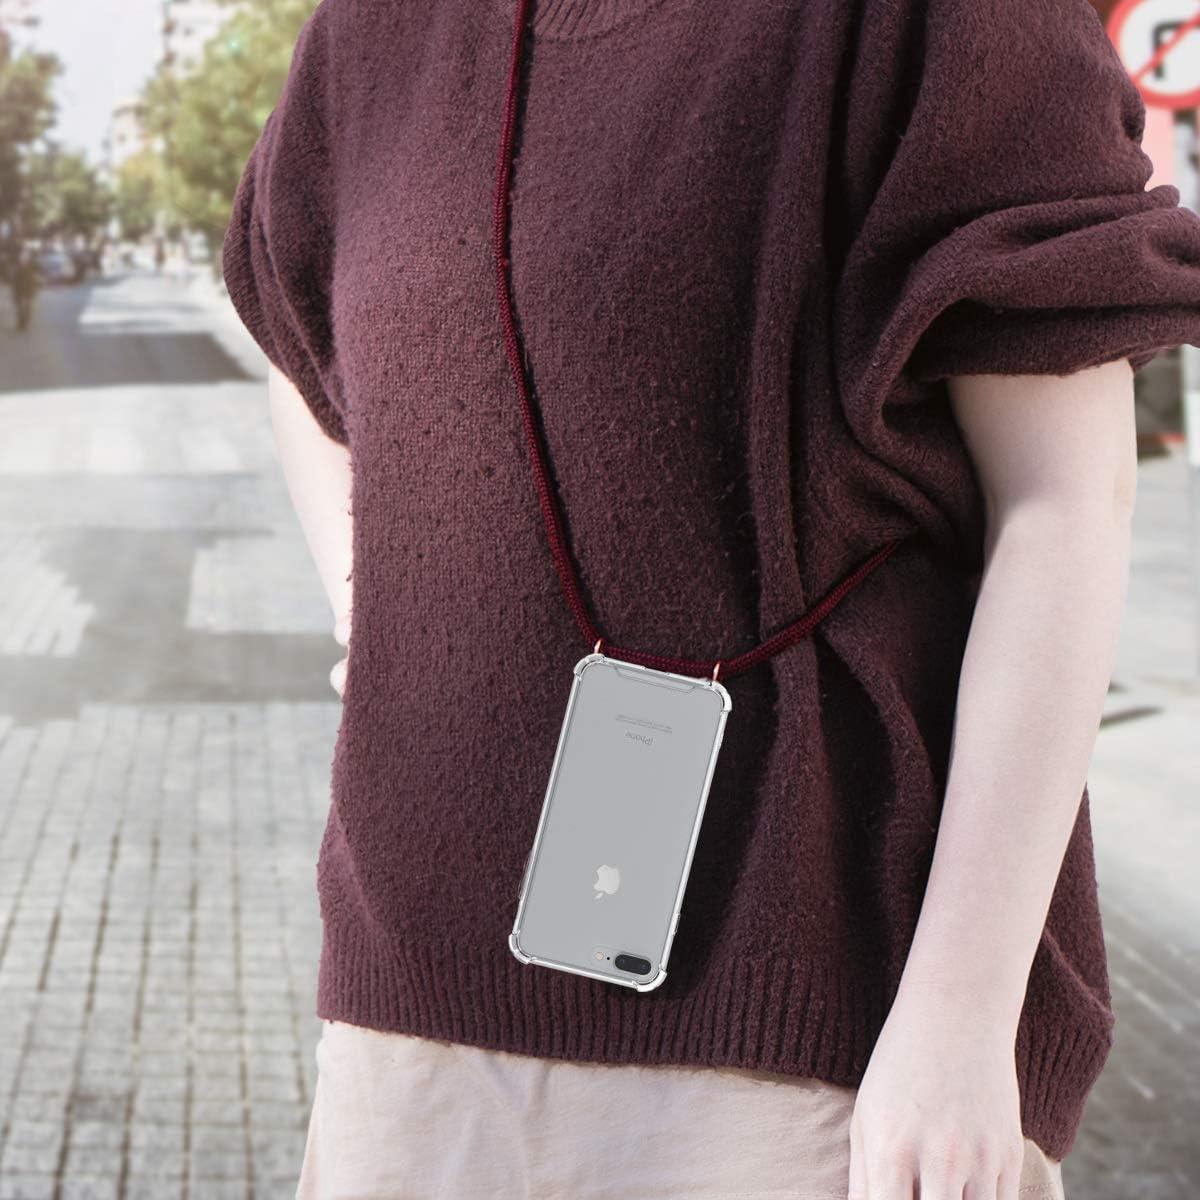 Transparent-Vert-Blanc kwmobile Coque Compatible avec Apple iPhone 7 Plus /Étui de Protection en Silicone avec Collier pour T/él/éphone Portable 8 Plus